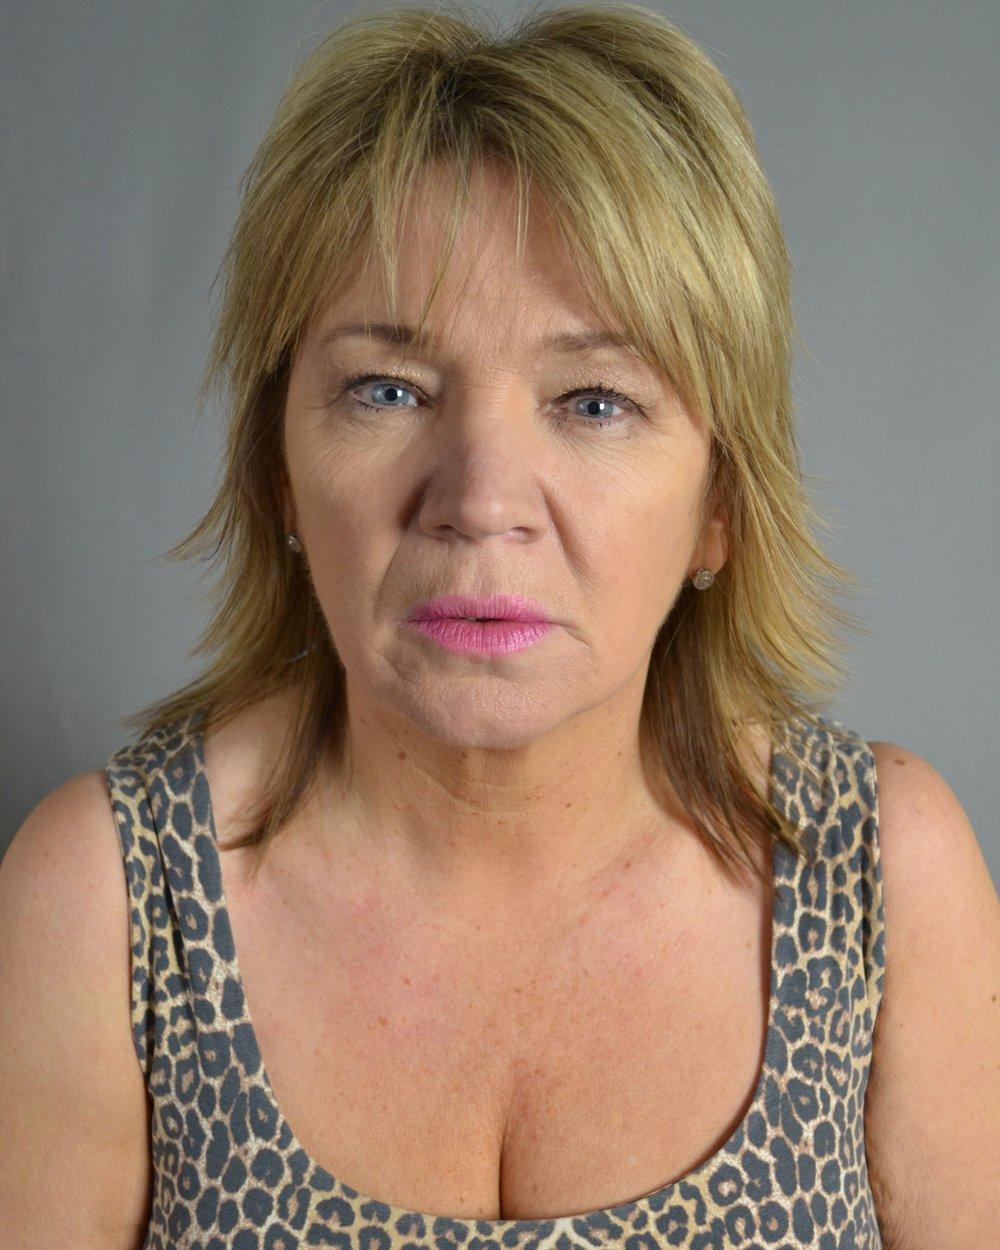 Cathy Coxon